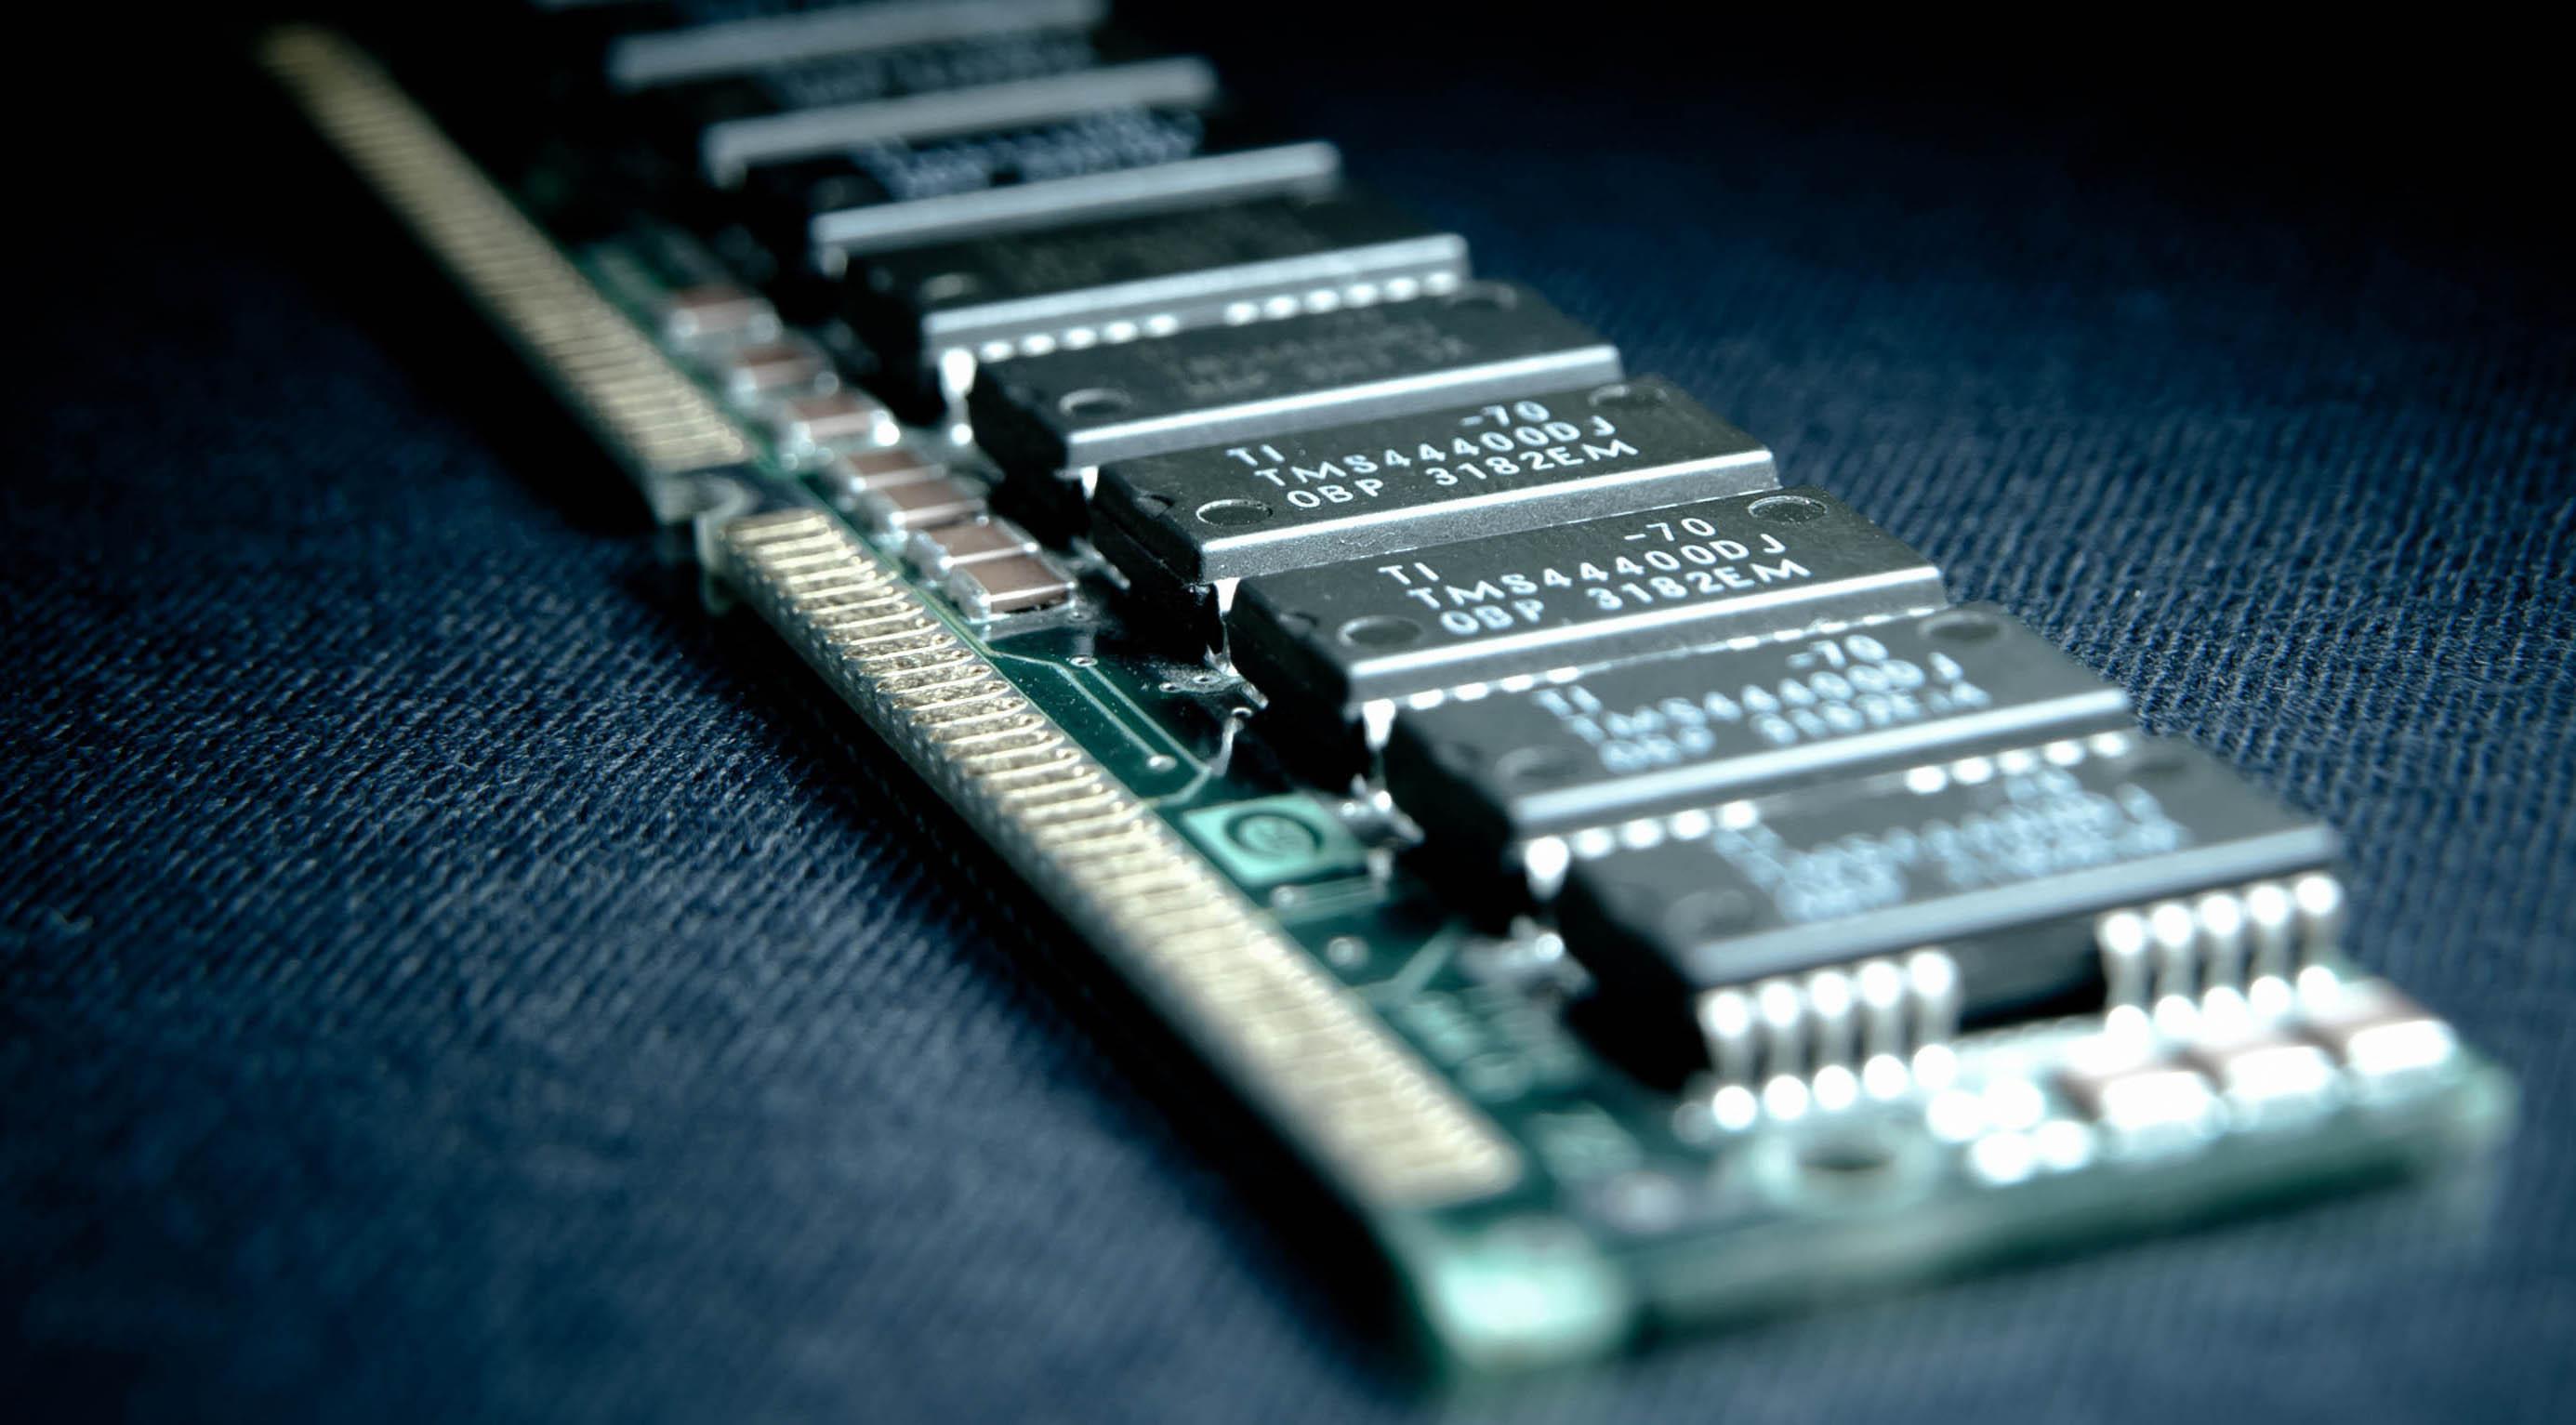 ¿Merece la pena que aumentes la memoria RAM de tu ordenador?